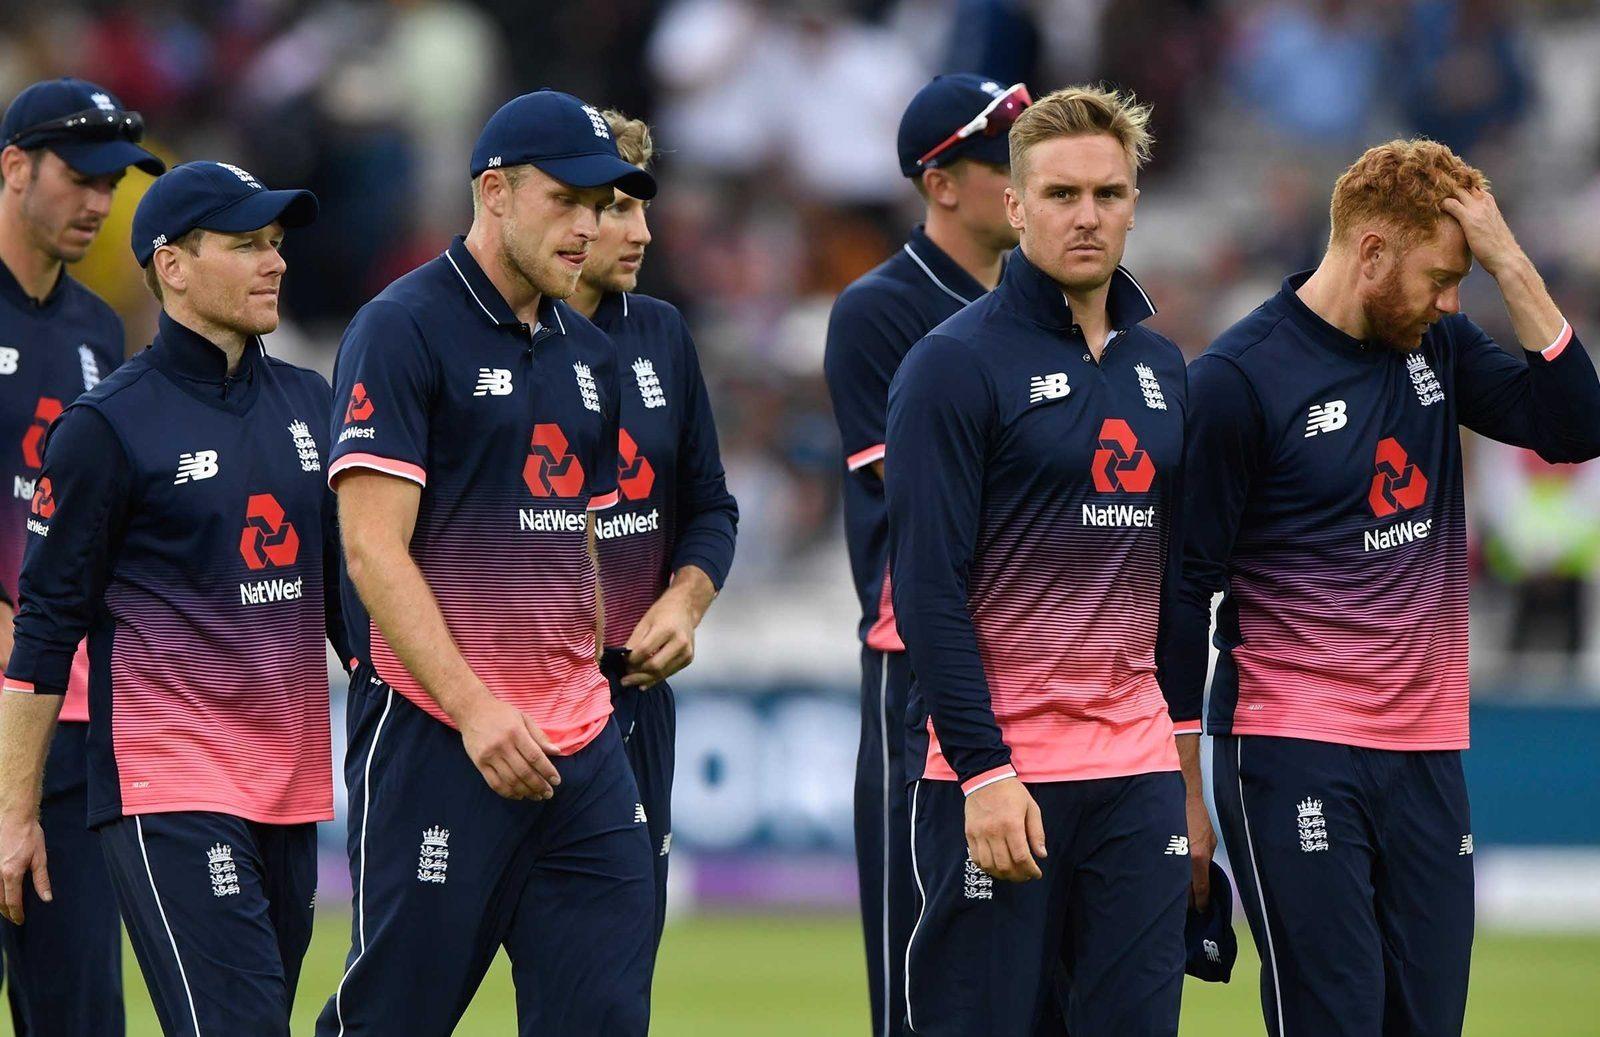 विश्व की नंबर एक टीम होने के बावजूद, इंग्लैंड इस वजह से विश्व कप में बन सकता है फिसड्डी